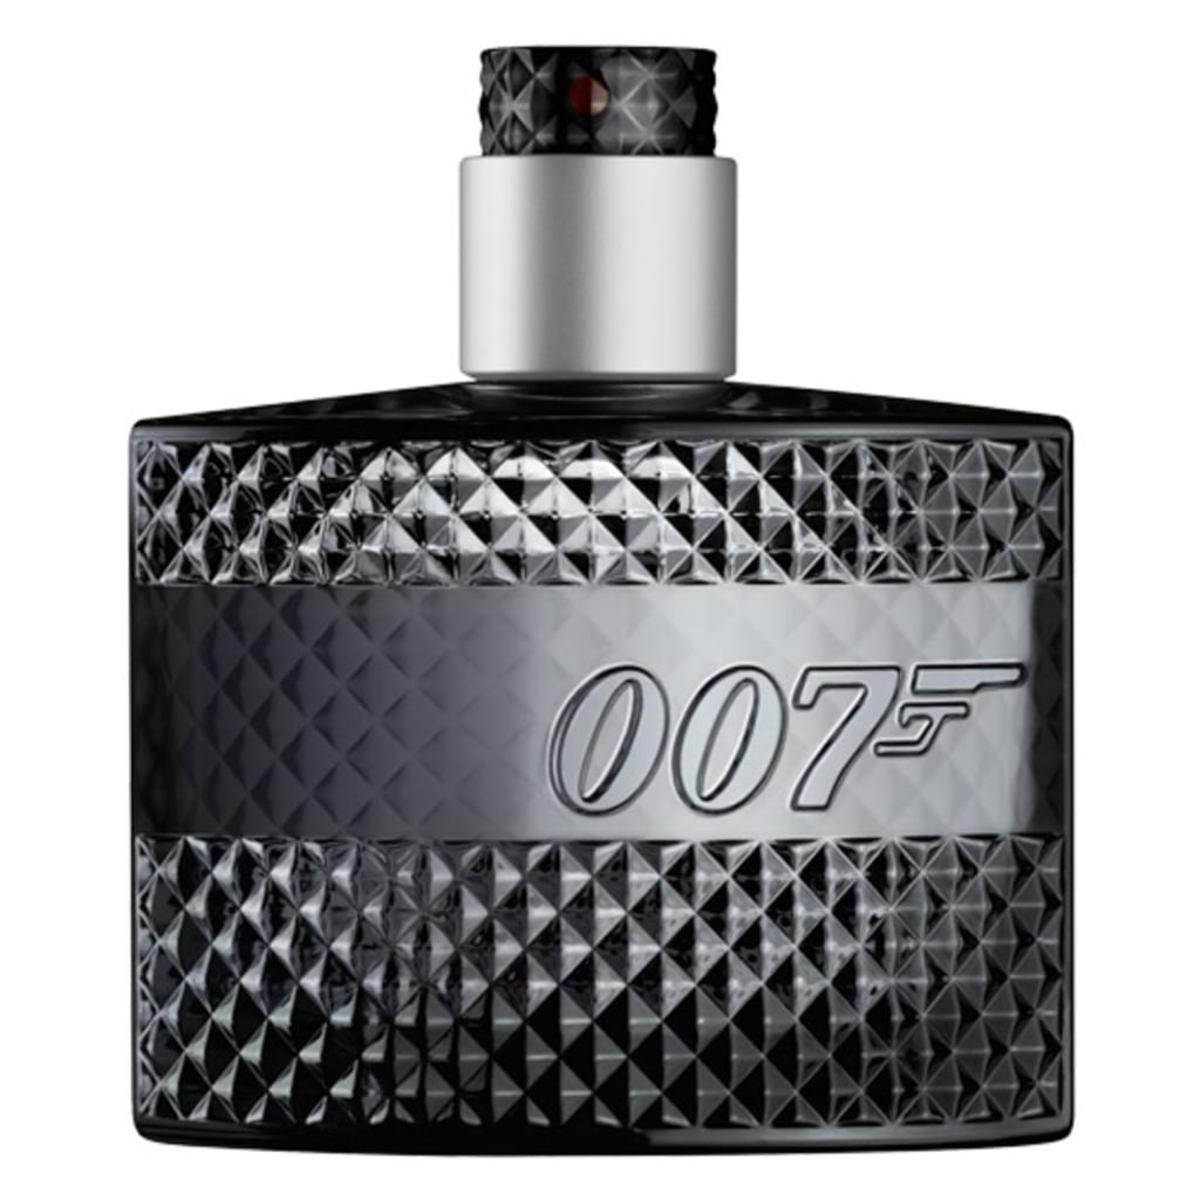 Bild 2 von James Bond 007 Aftershave 50 ml